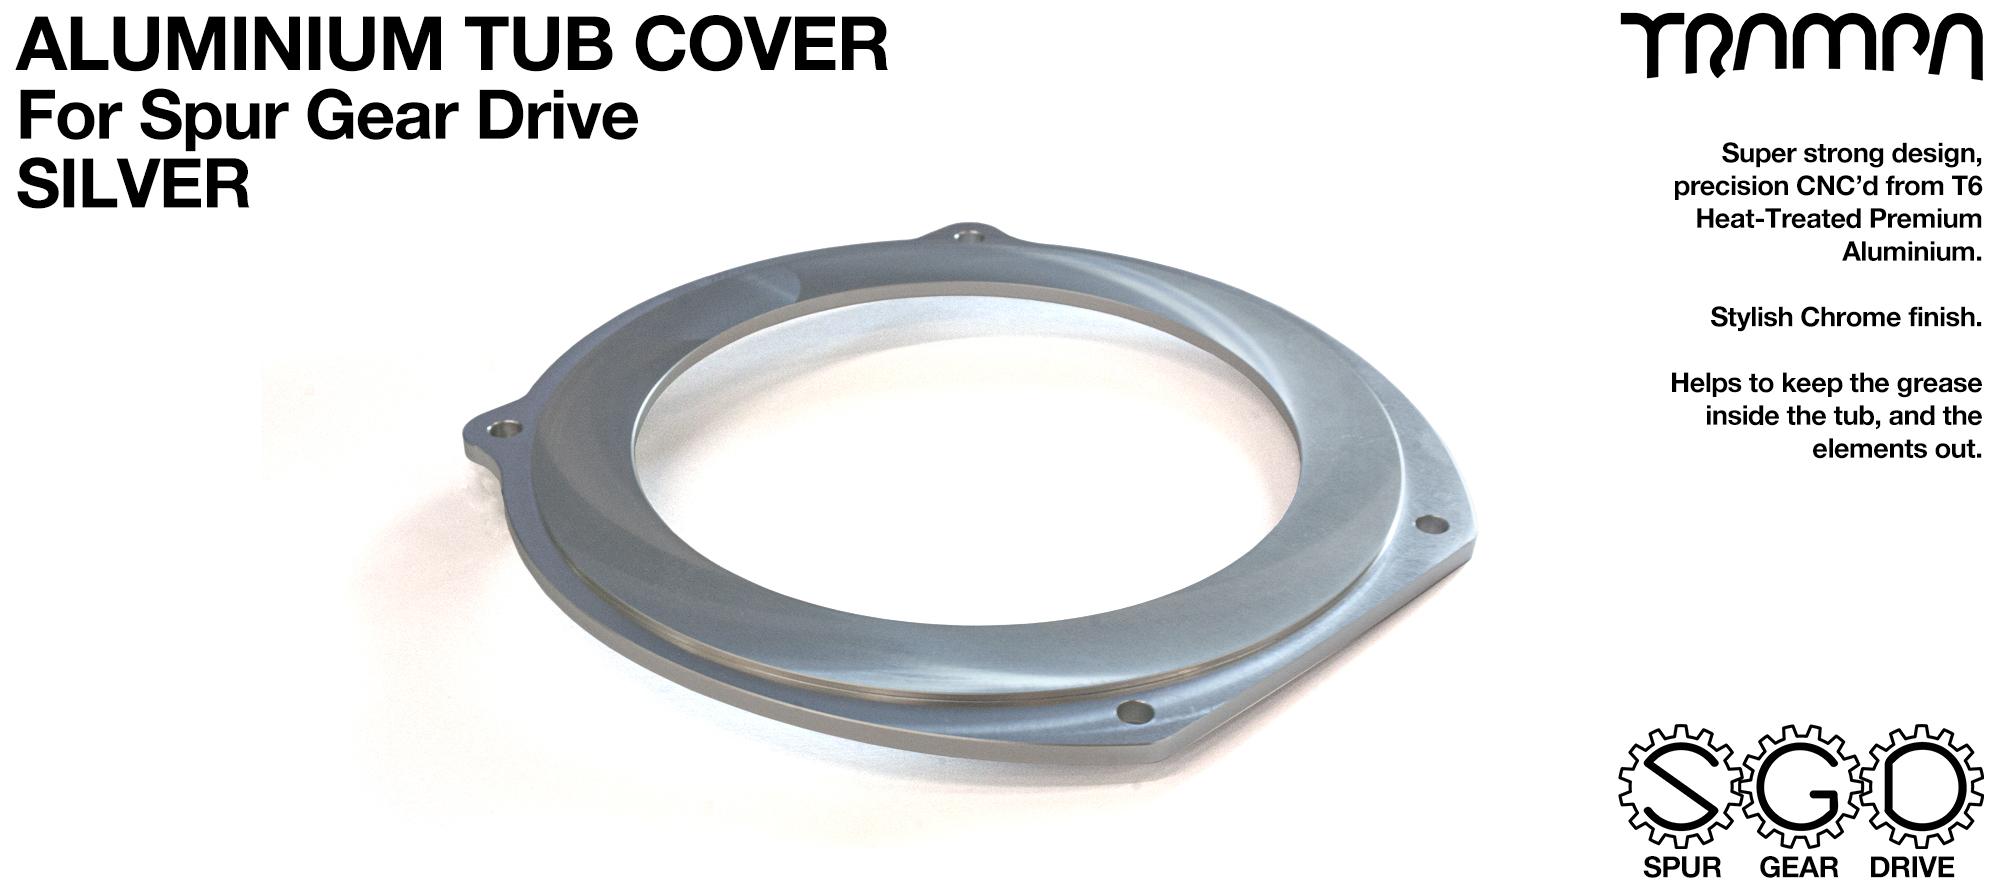 MKII Spur Gear Drive - Aluminium Tub Cover